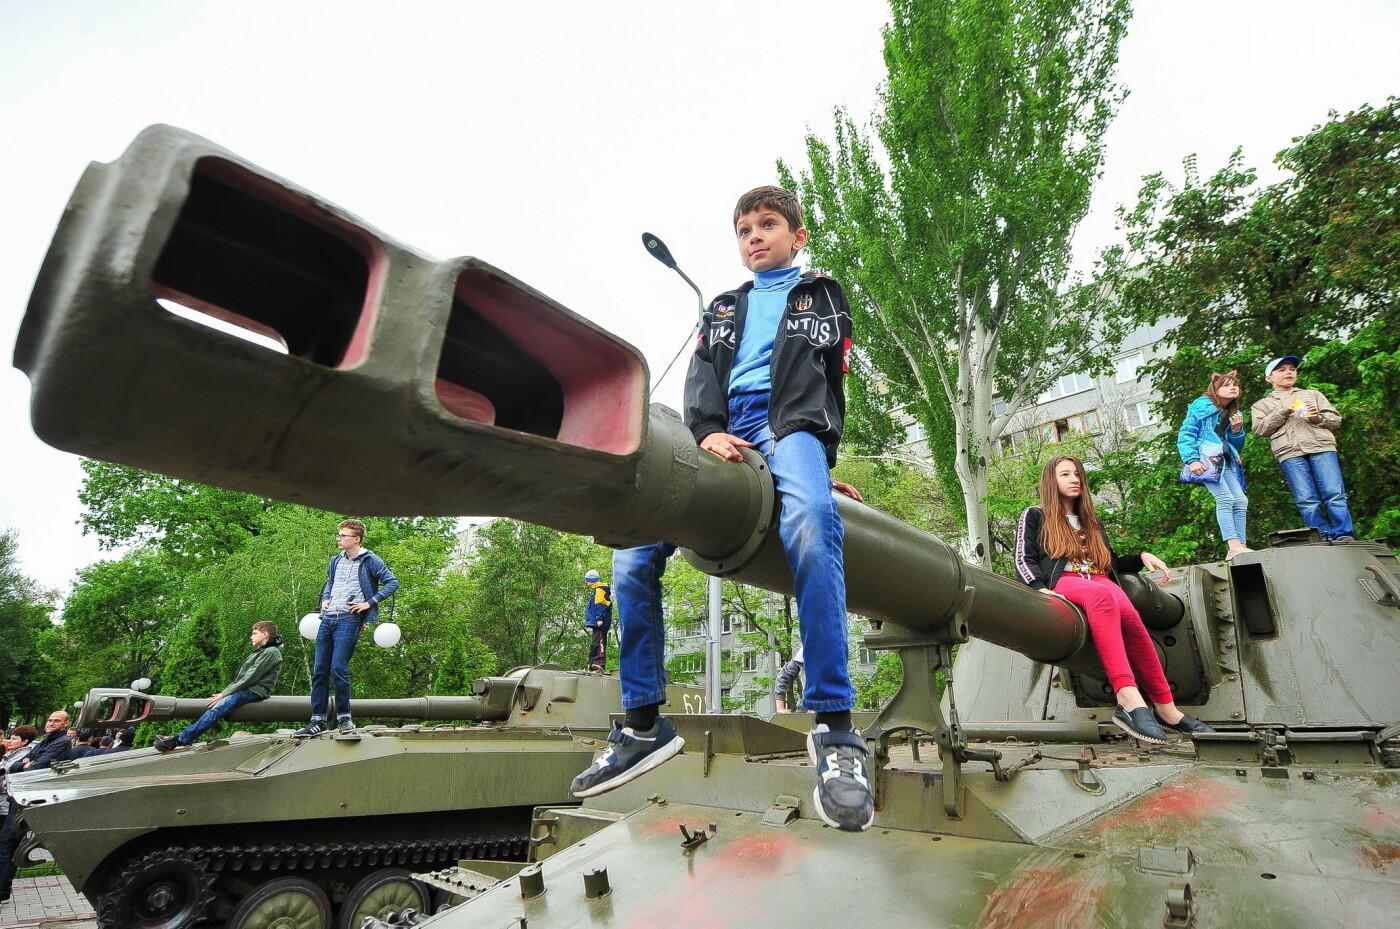 """Богуслаев на """"Победе"""", полевая кухня и концерт: в Запорожье в парке Климова проходят гуляния, - ФОТОРЕПОРТАЖ, фото-29"""